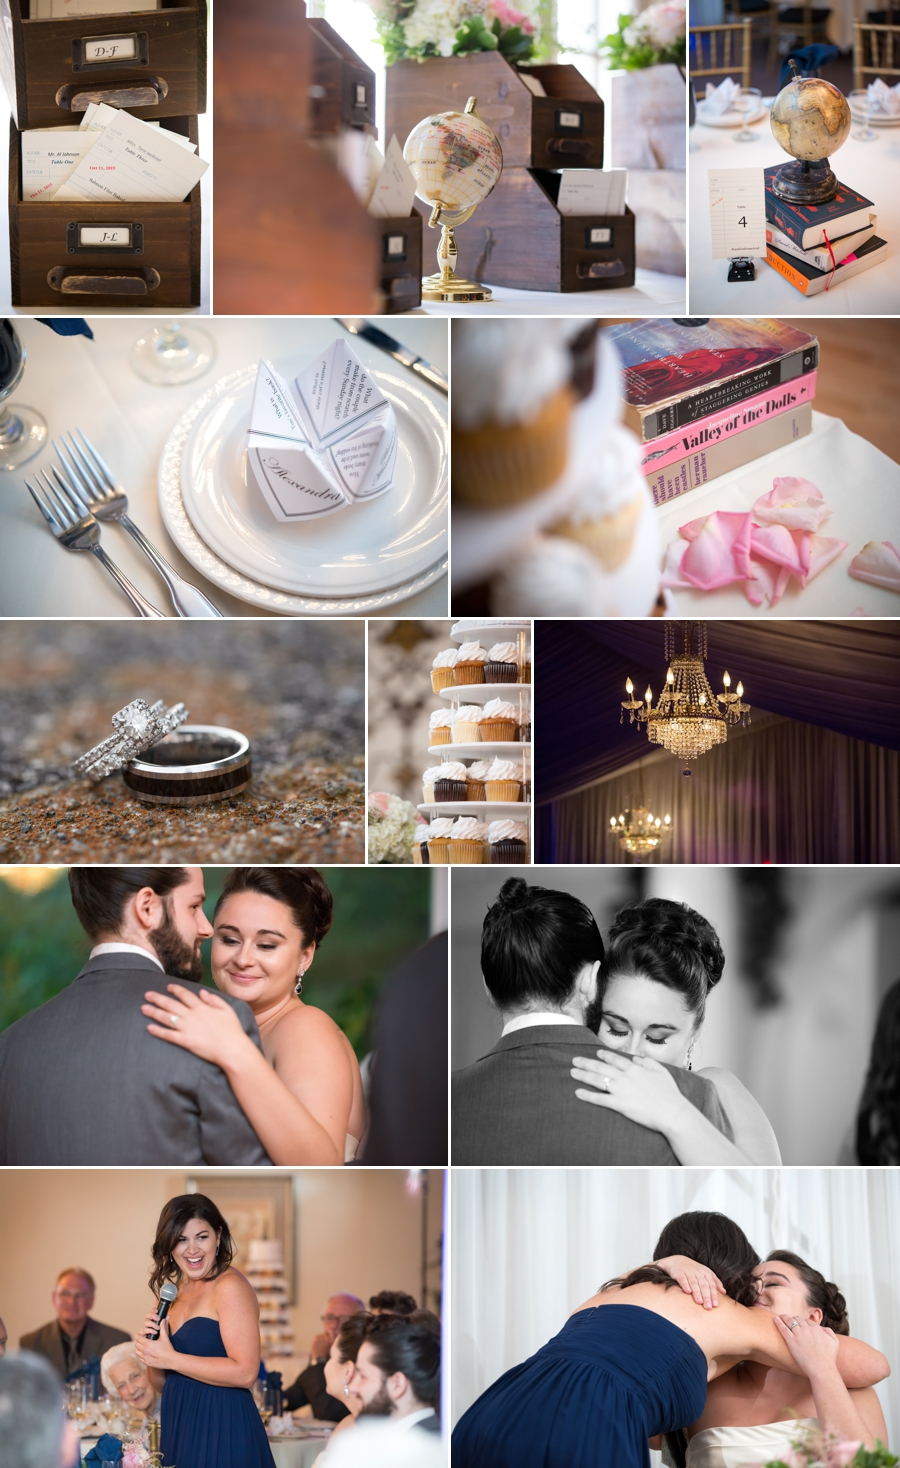 Book_Theme_Wedding_Photos